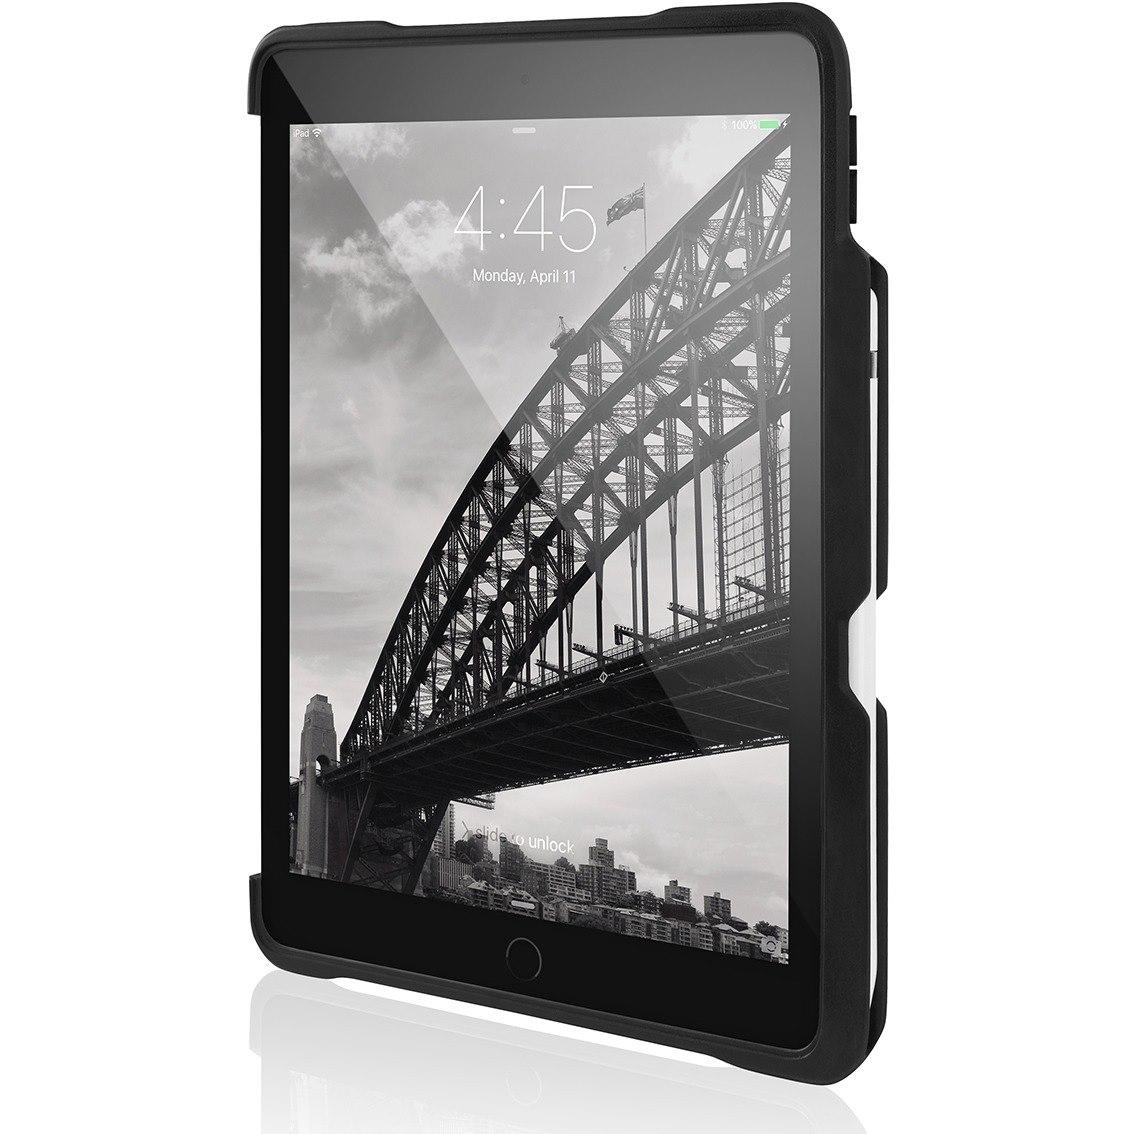 STM Goods dux Case for iPad Pro - Transparent, Black